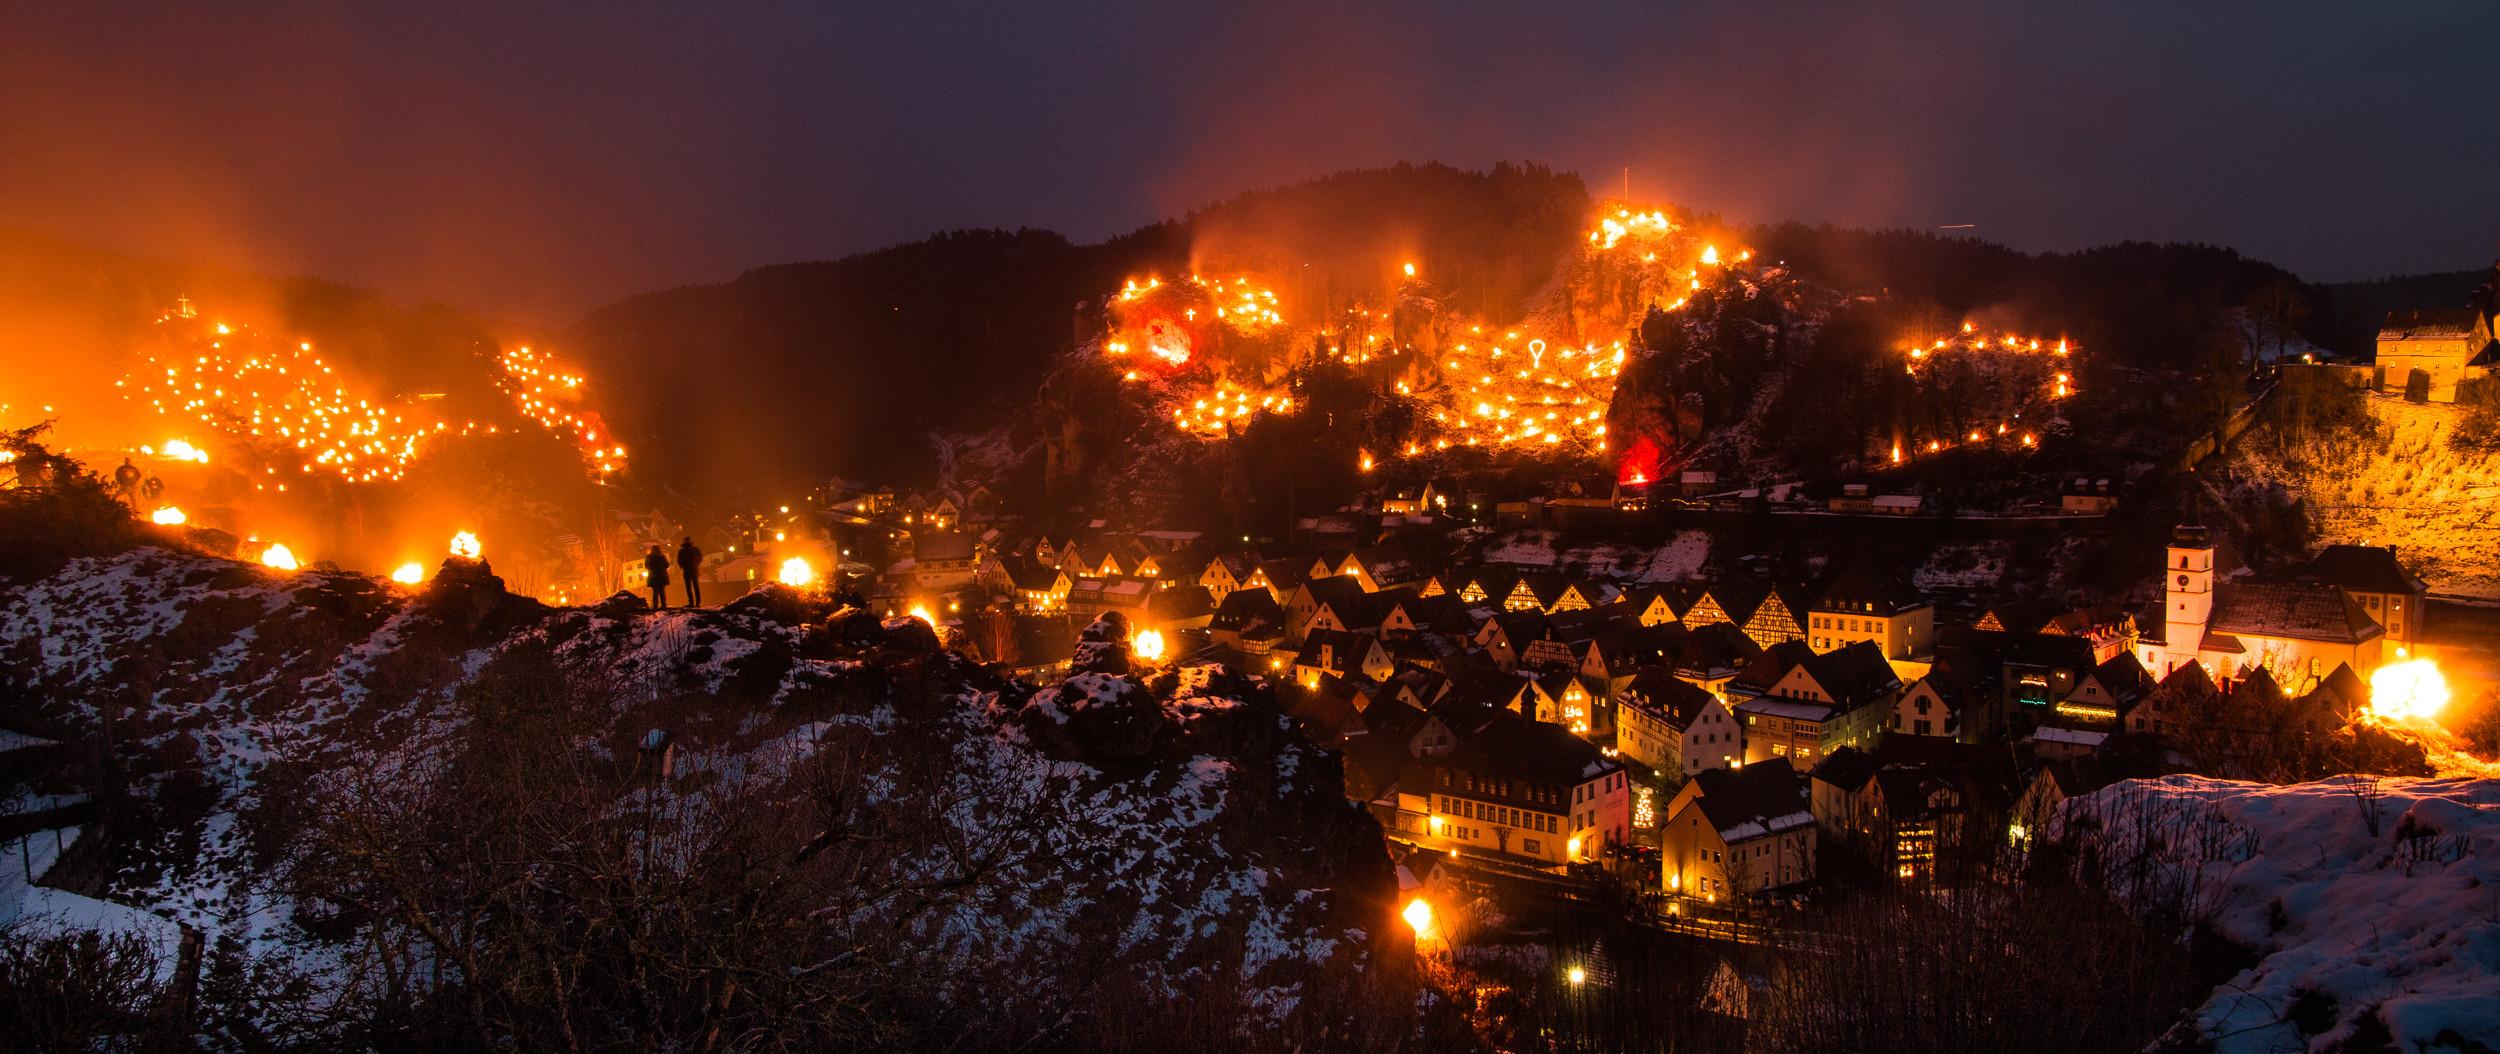 Lichterfest in Pottenstein